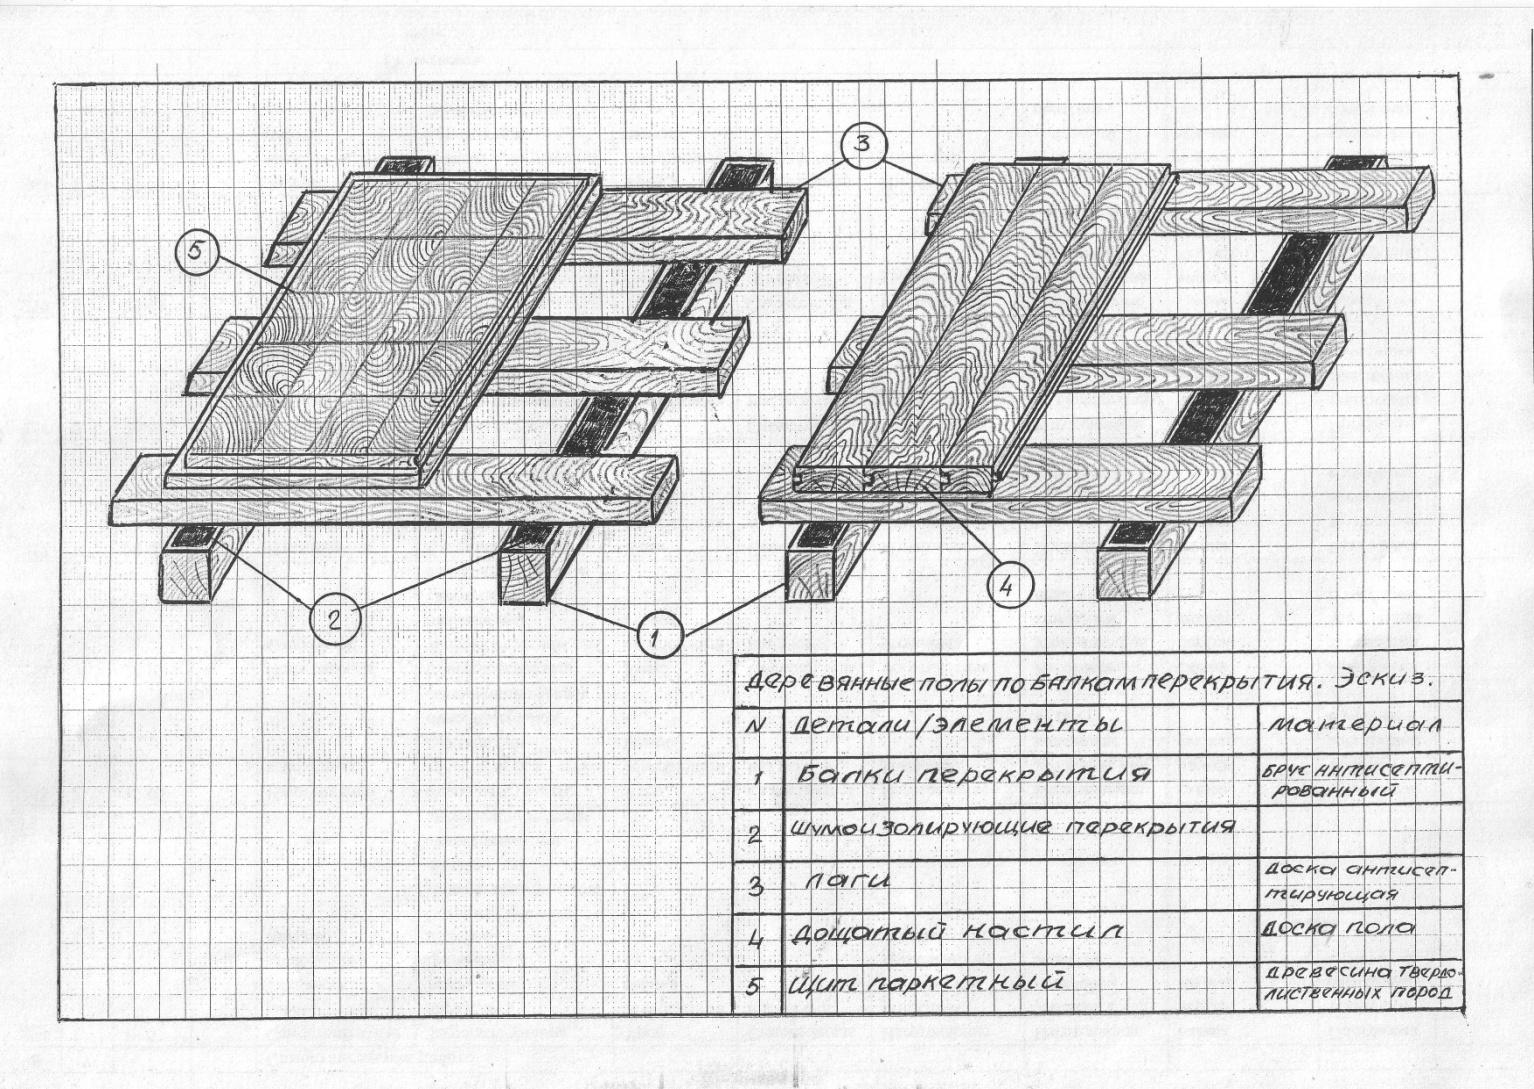 F:\изделия и эскизы\10- 12 класс\Эскизы\Image0027.JPG